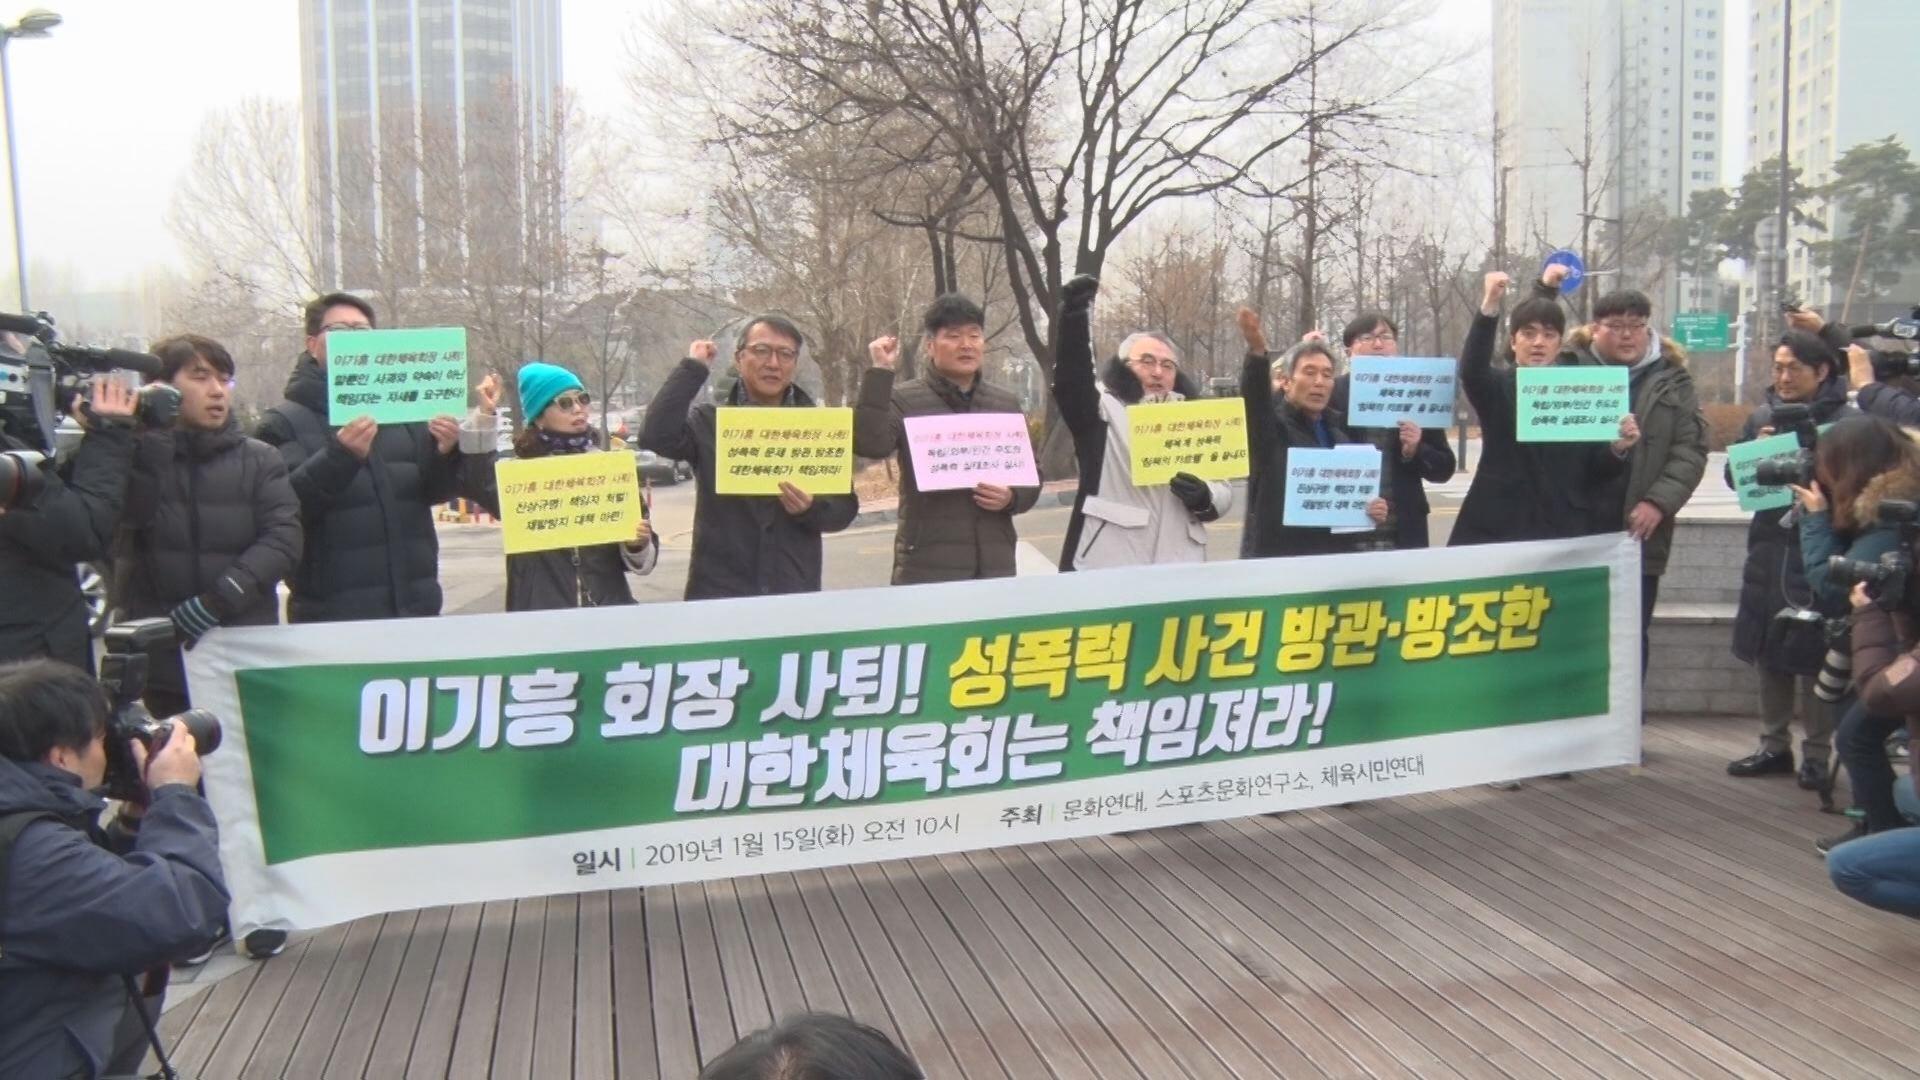 """대한체육회, 성폭력 근절대책 발표…시민단체 """"회장 사퇴"""" 촉구"""